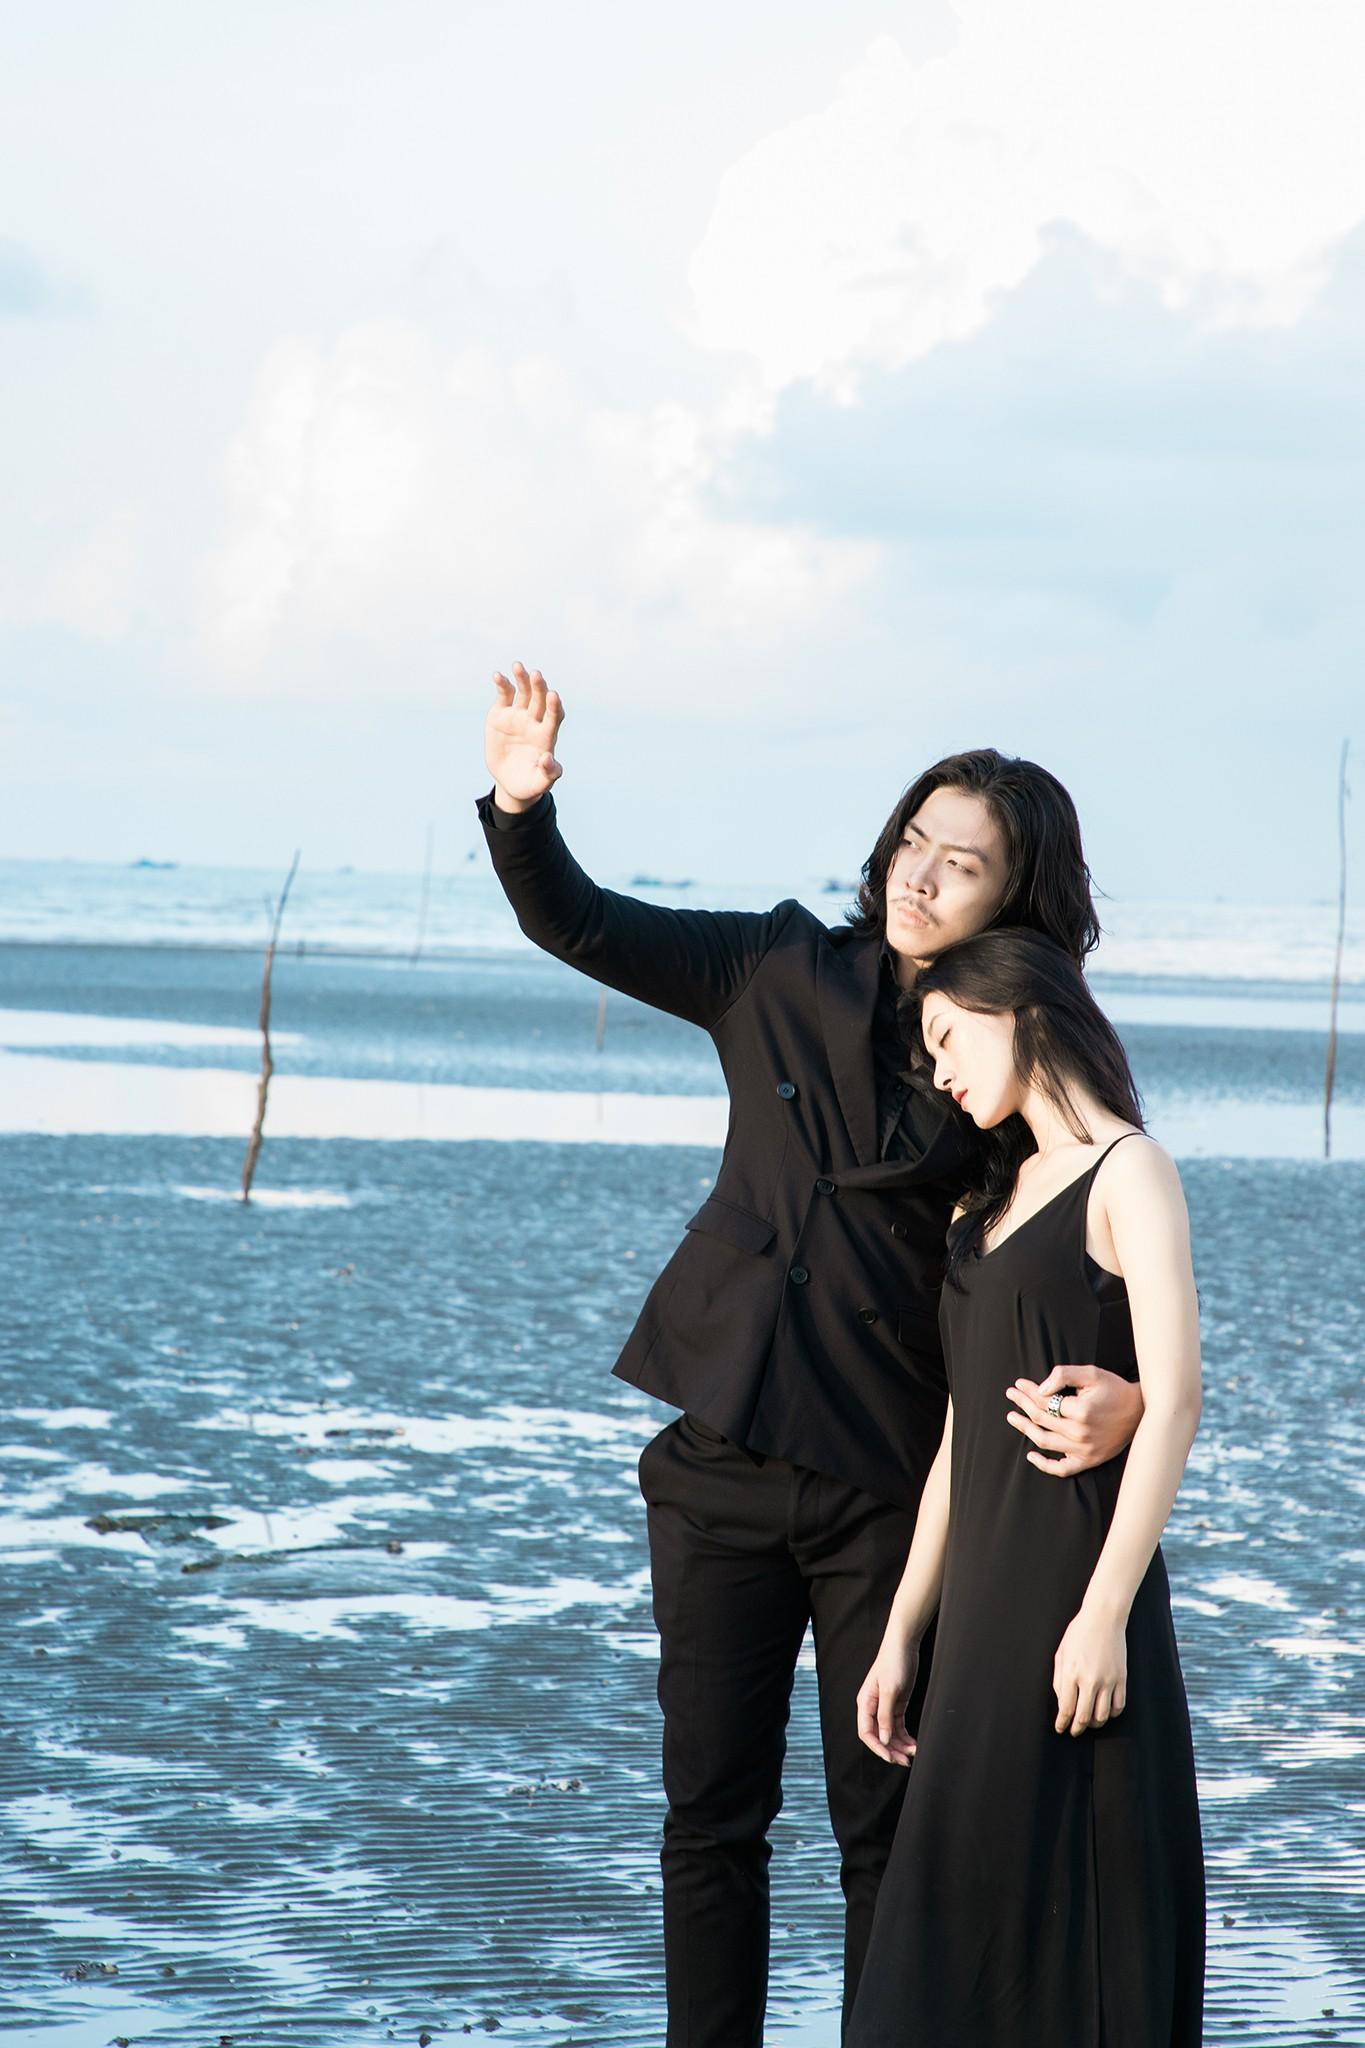 Phát hiện toạ độ chụp ảnh đẹp như ngôn tình Hàn Quốc tại biển Cần Giờ - Ảnh 10.